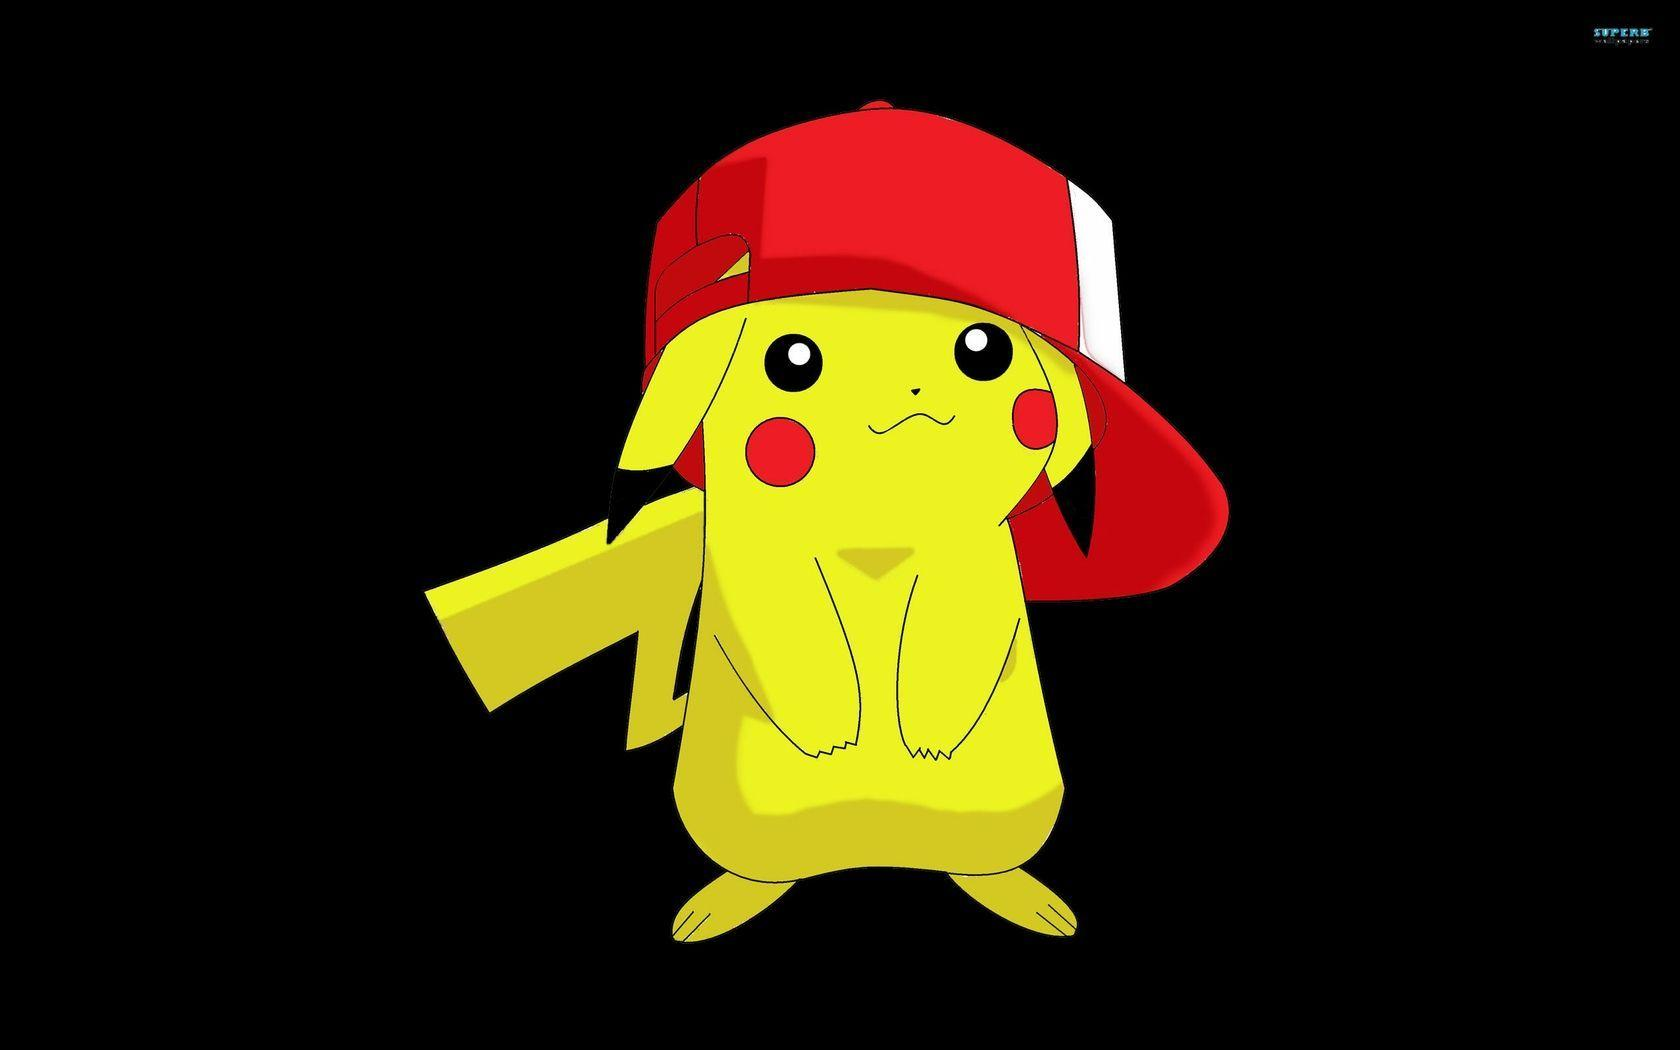 Pokemon Pikachu Wallpapers 1680x1050